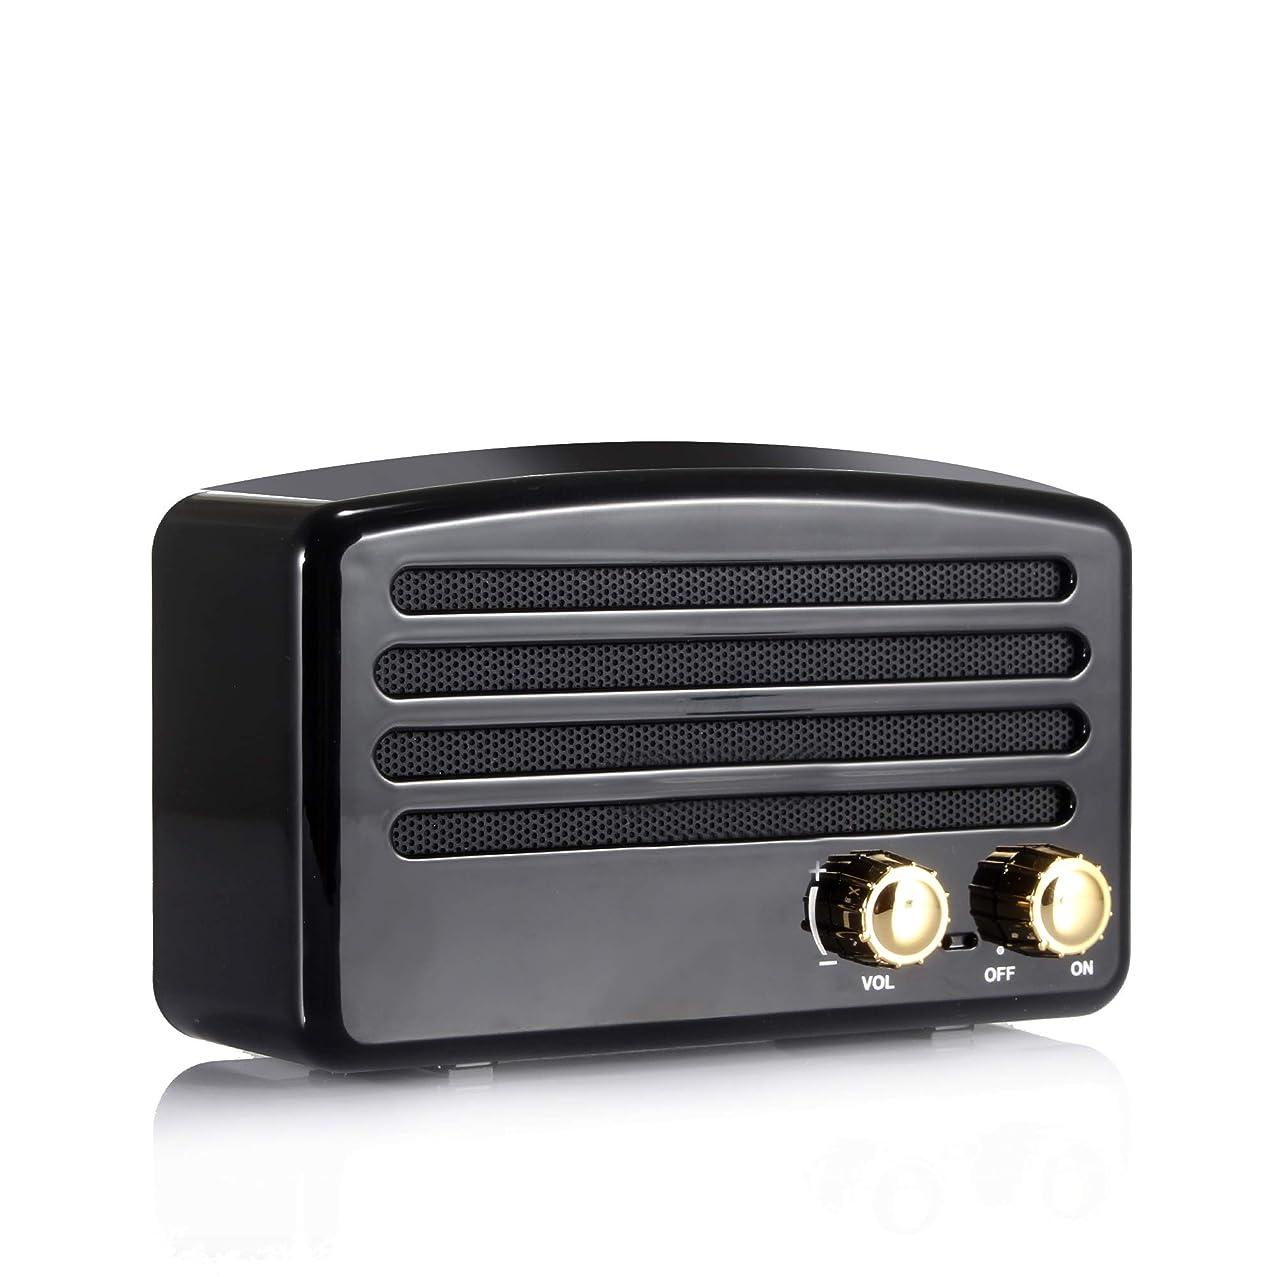 牧草地発表するラメMDQ ポータブルbluetoothスピーカー、ミニスピーカーレトロワイヤレスFMラジオ音楽ステレオプレーヤー、Mobilephone PC用 (black)